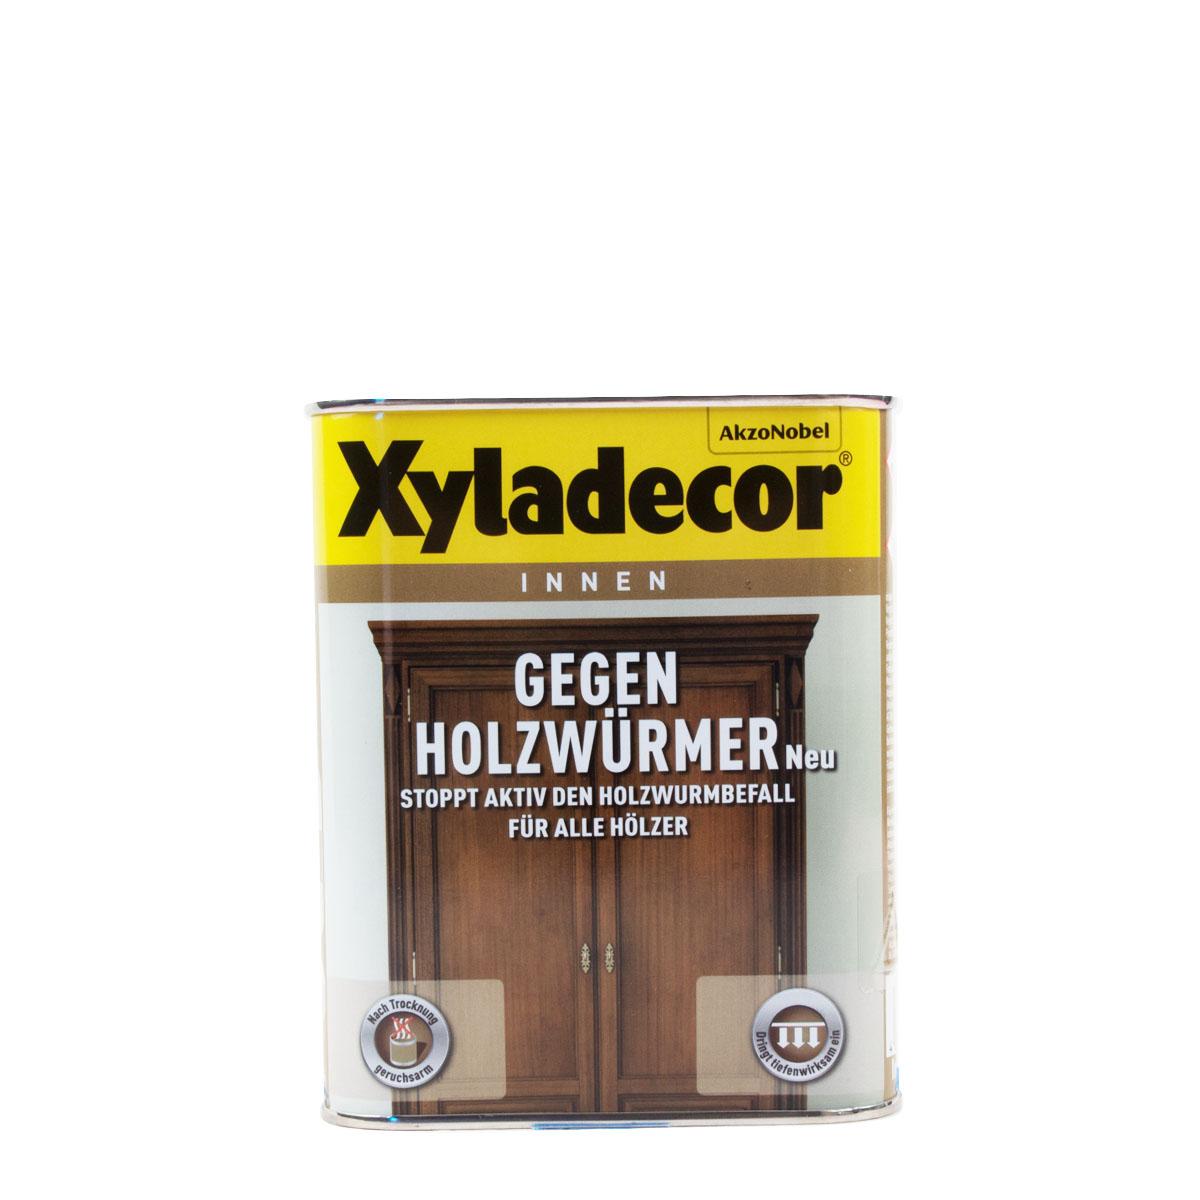 Xyladecor Gegen Holzwürmer 750ml